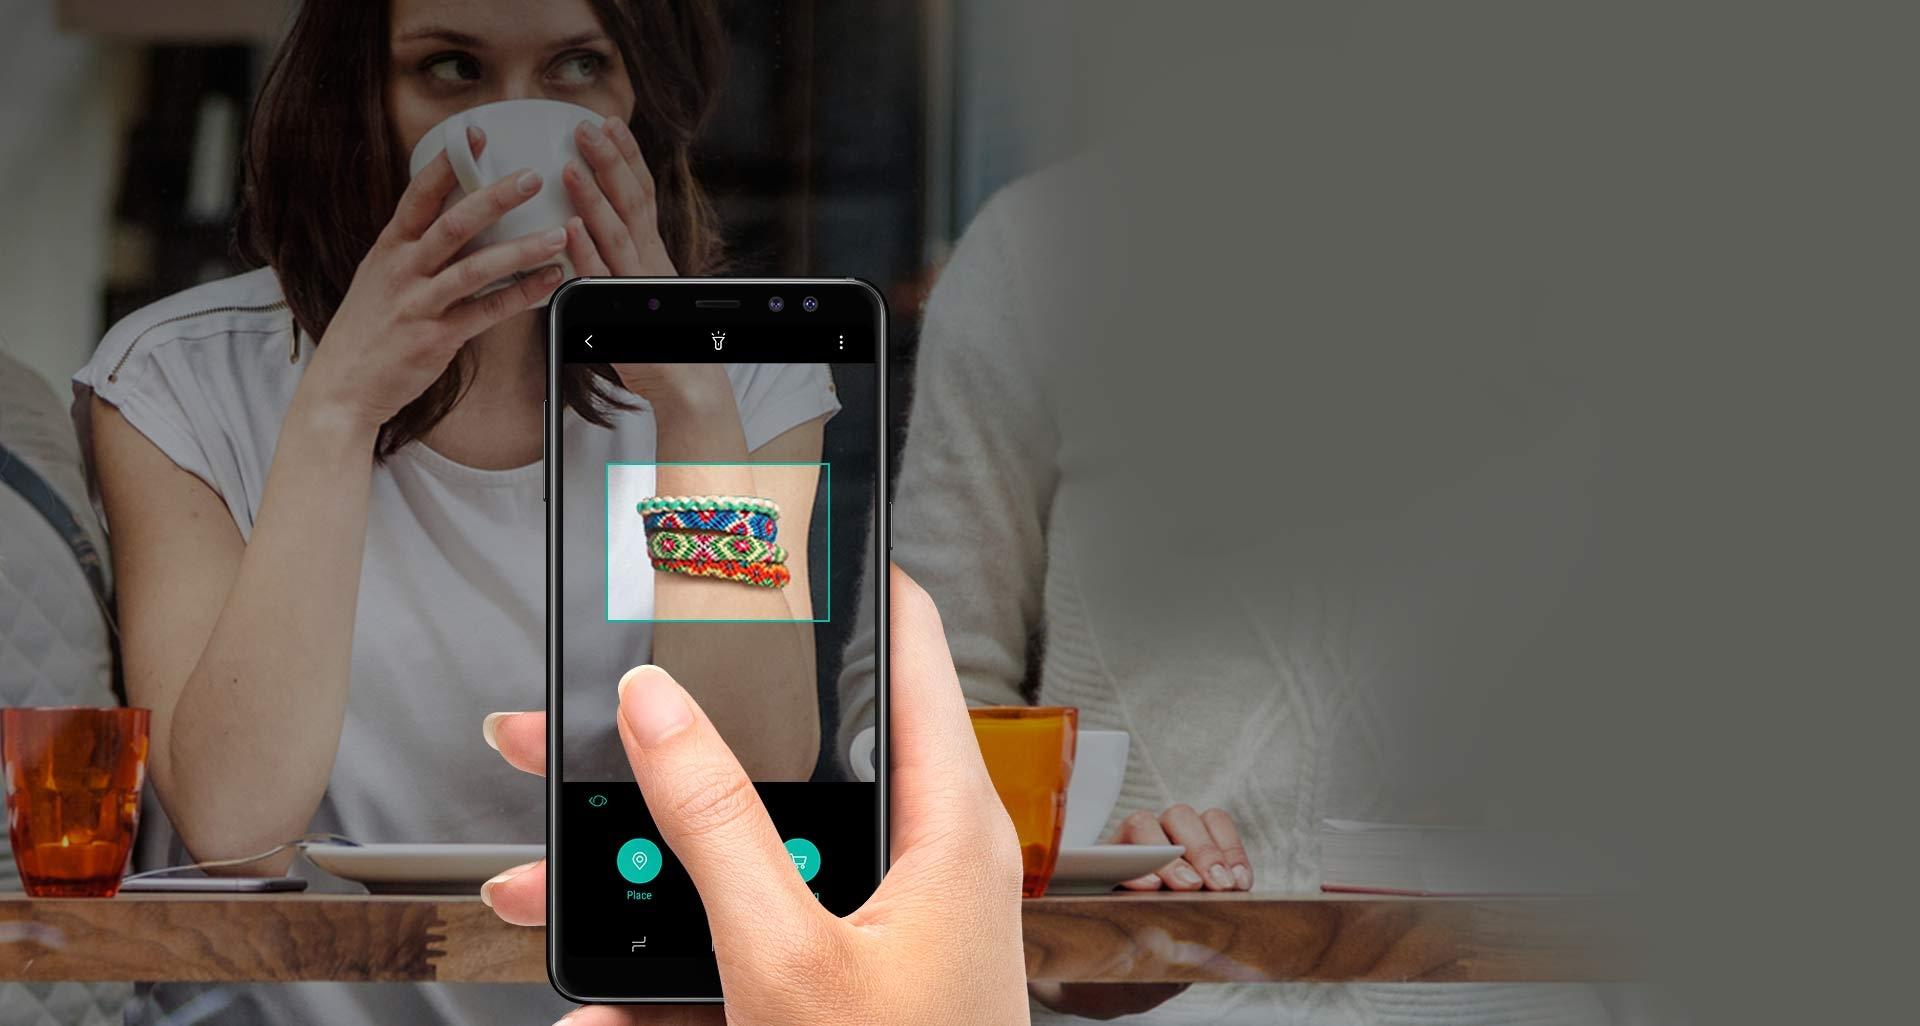 گوشی گلکسی ای 8 پلاس با Bixby به کمک شما آمده!